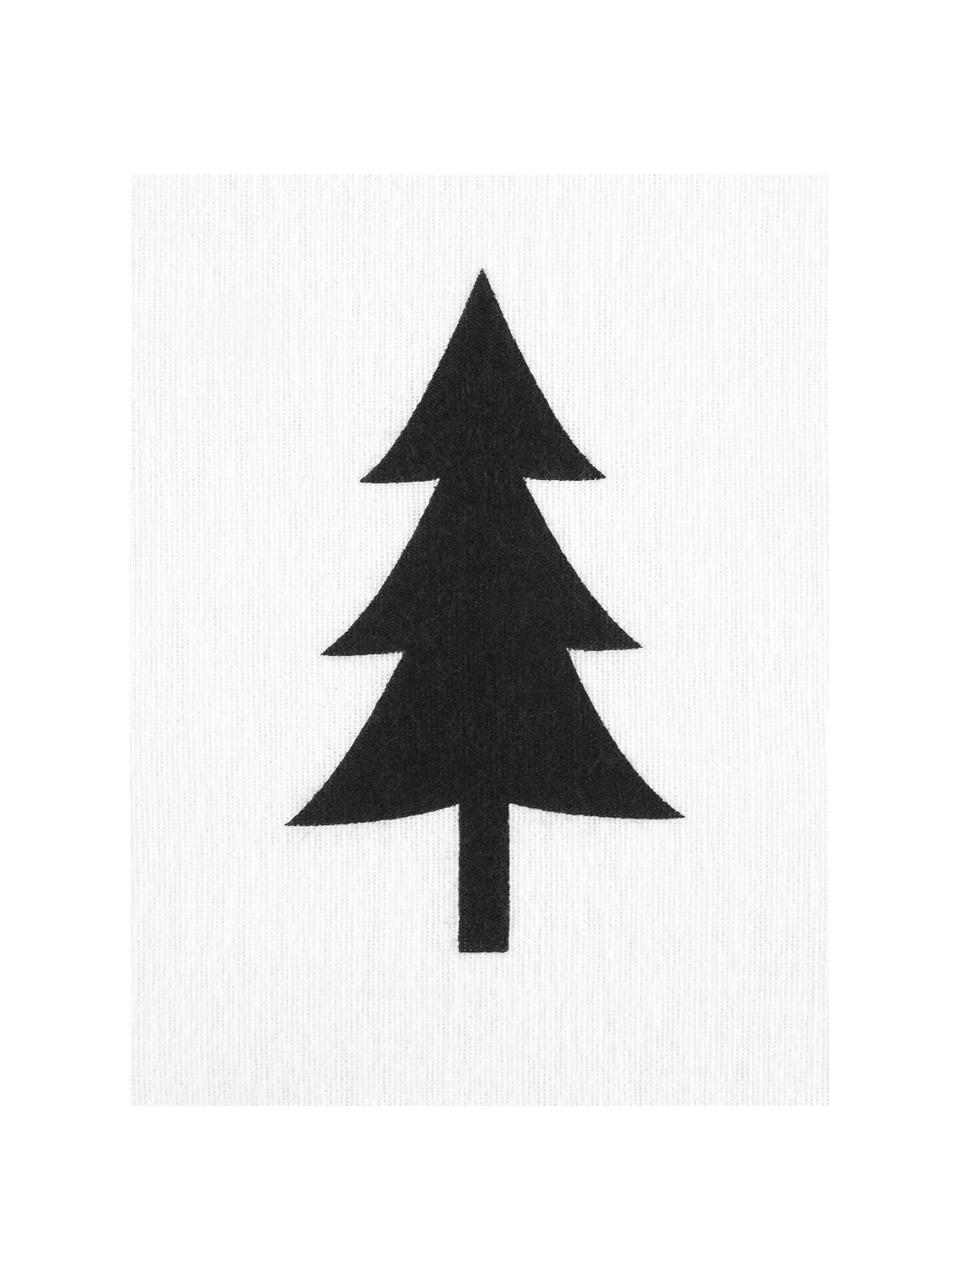 Flanell-Kissenbezüge X-mas Tree mit Tannenbäumen, 2 Stück, Webart: Flanell Flanell ist ein k, Weiß, Schwarz, 40 x 80 cm